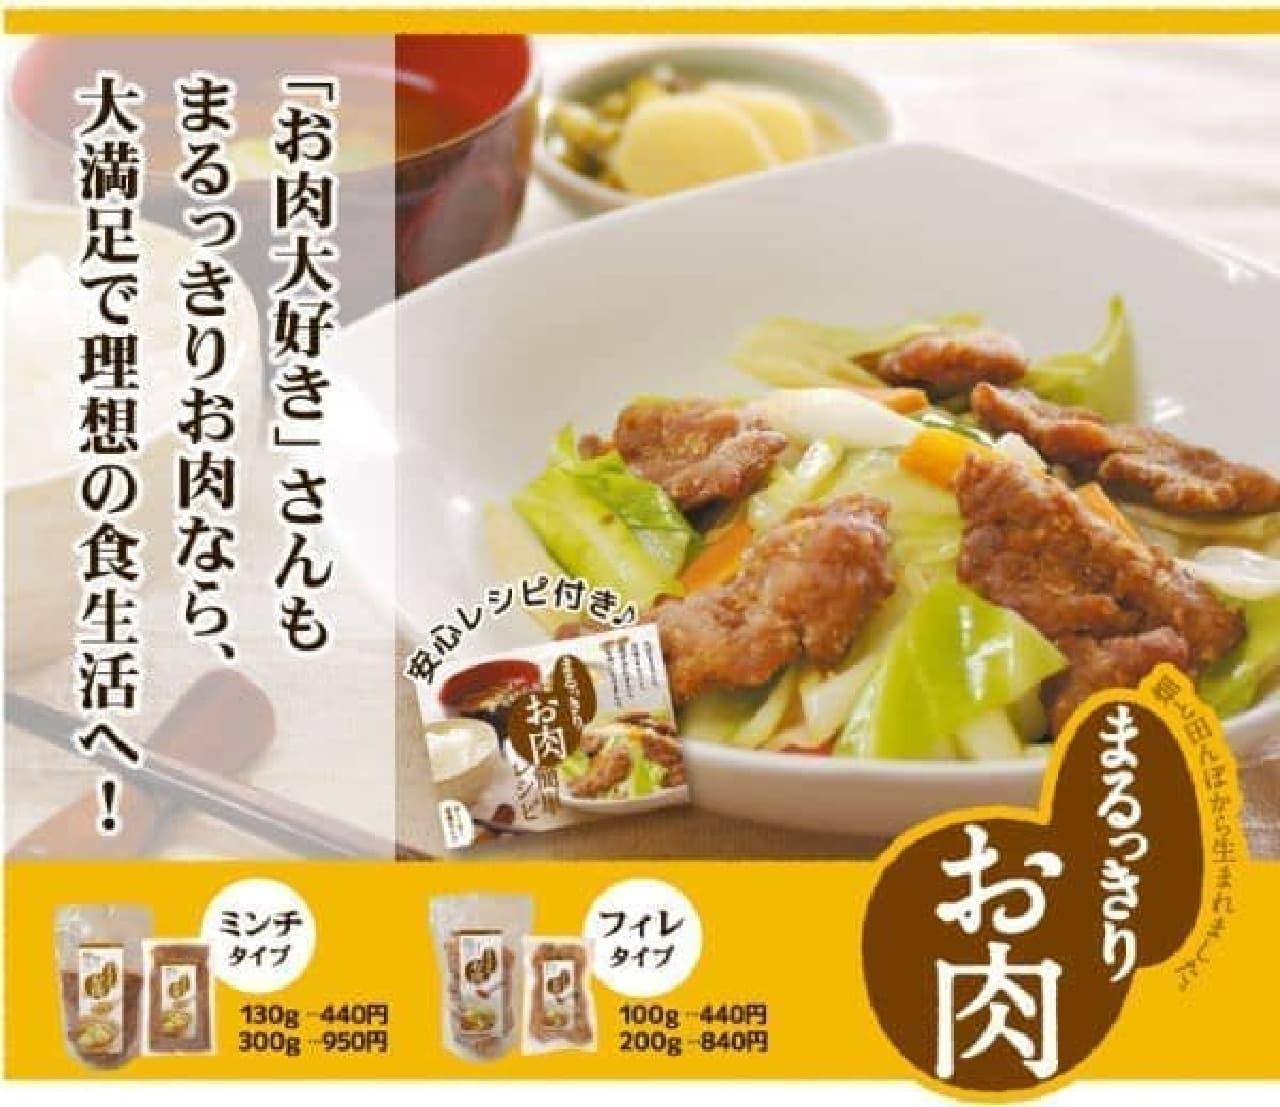 食感が「まるっきりお肉」!―玄米と大豆の加工食品で健康にも○